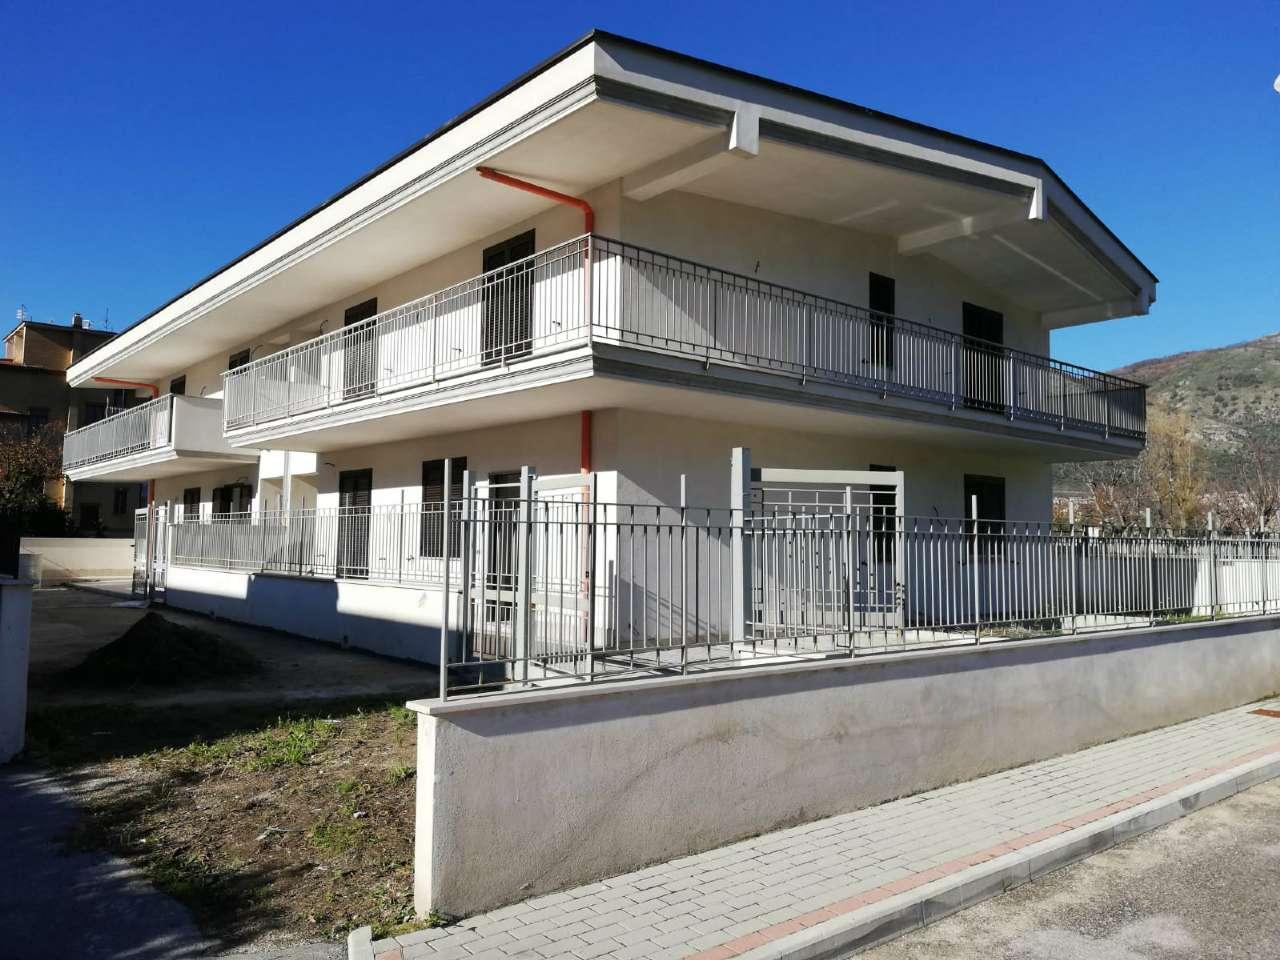 Appartamento in vendita a Arienzo, 5 locali, prezzo € 155.000 | CambioCasa.it